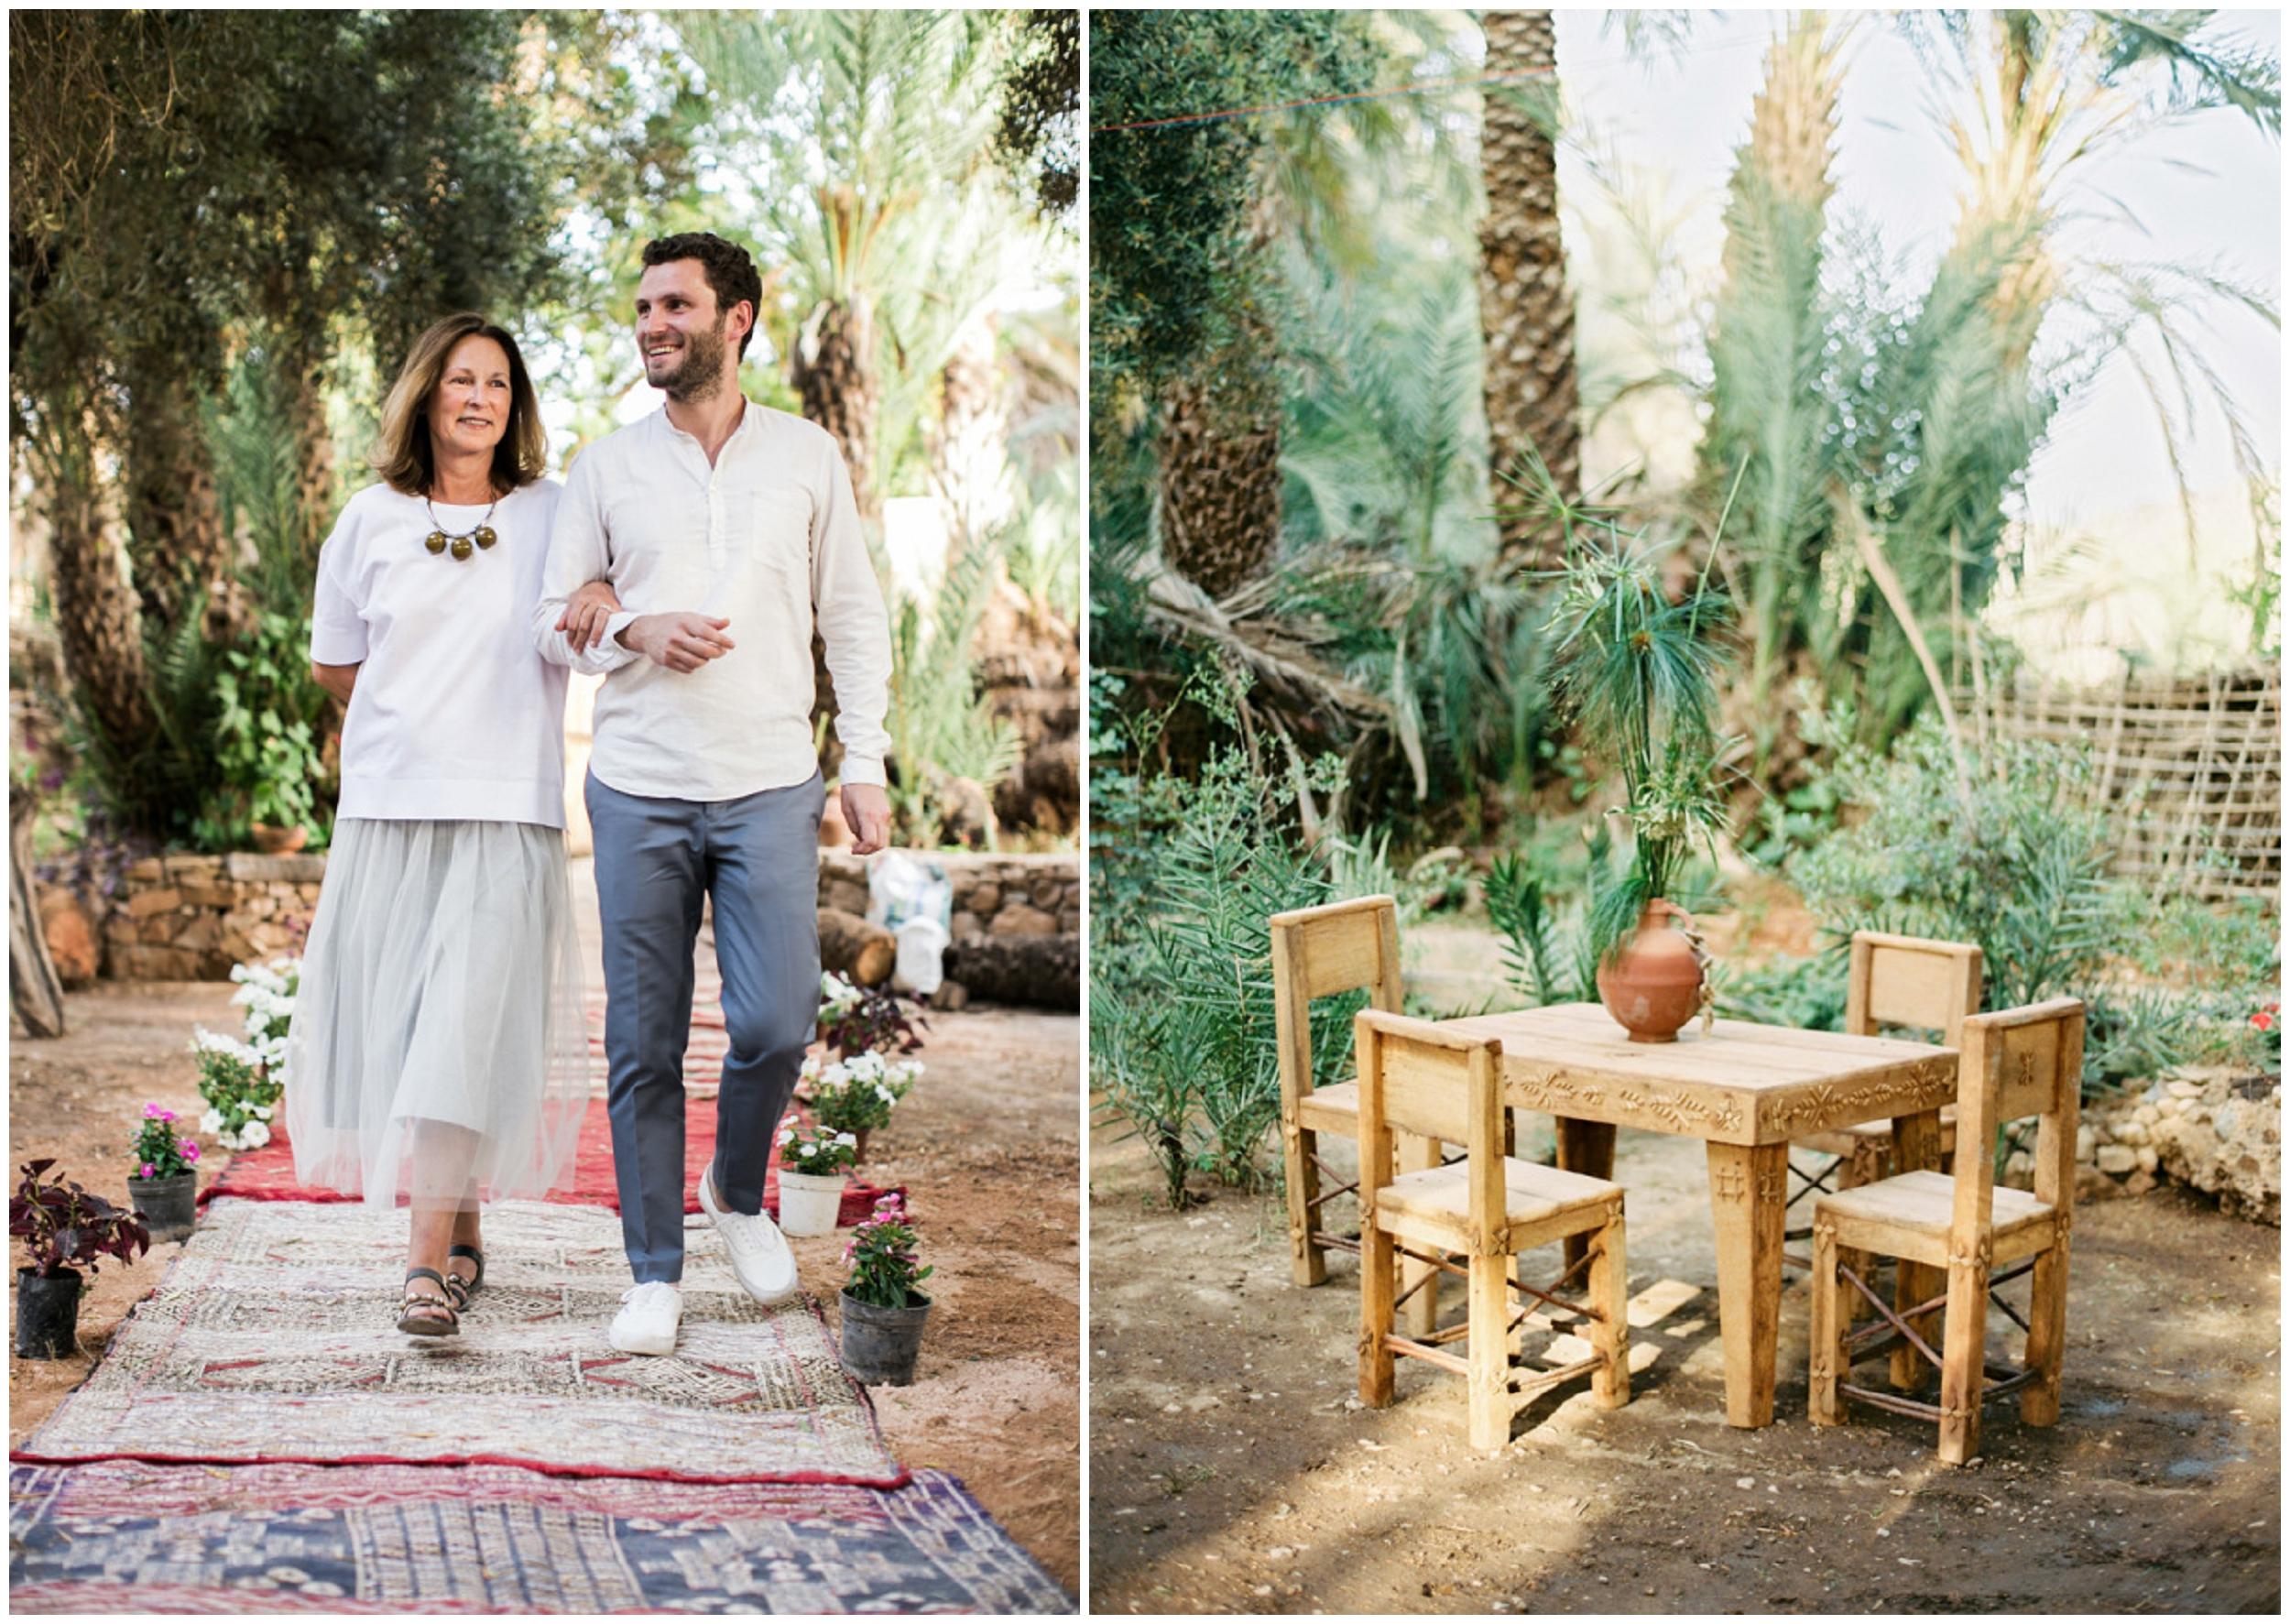 mariarao+wedding+photographer+cascais_0381.jpg